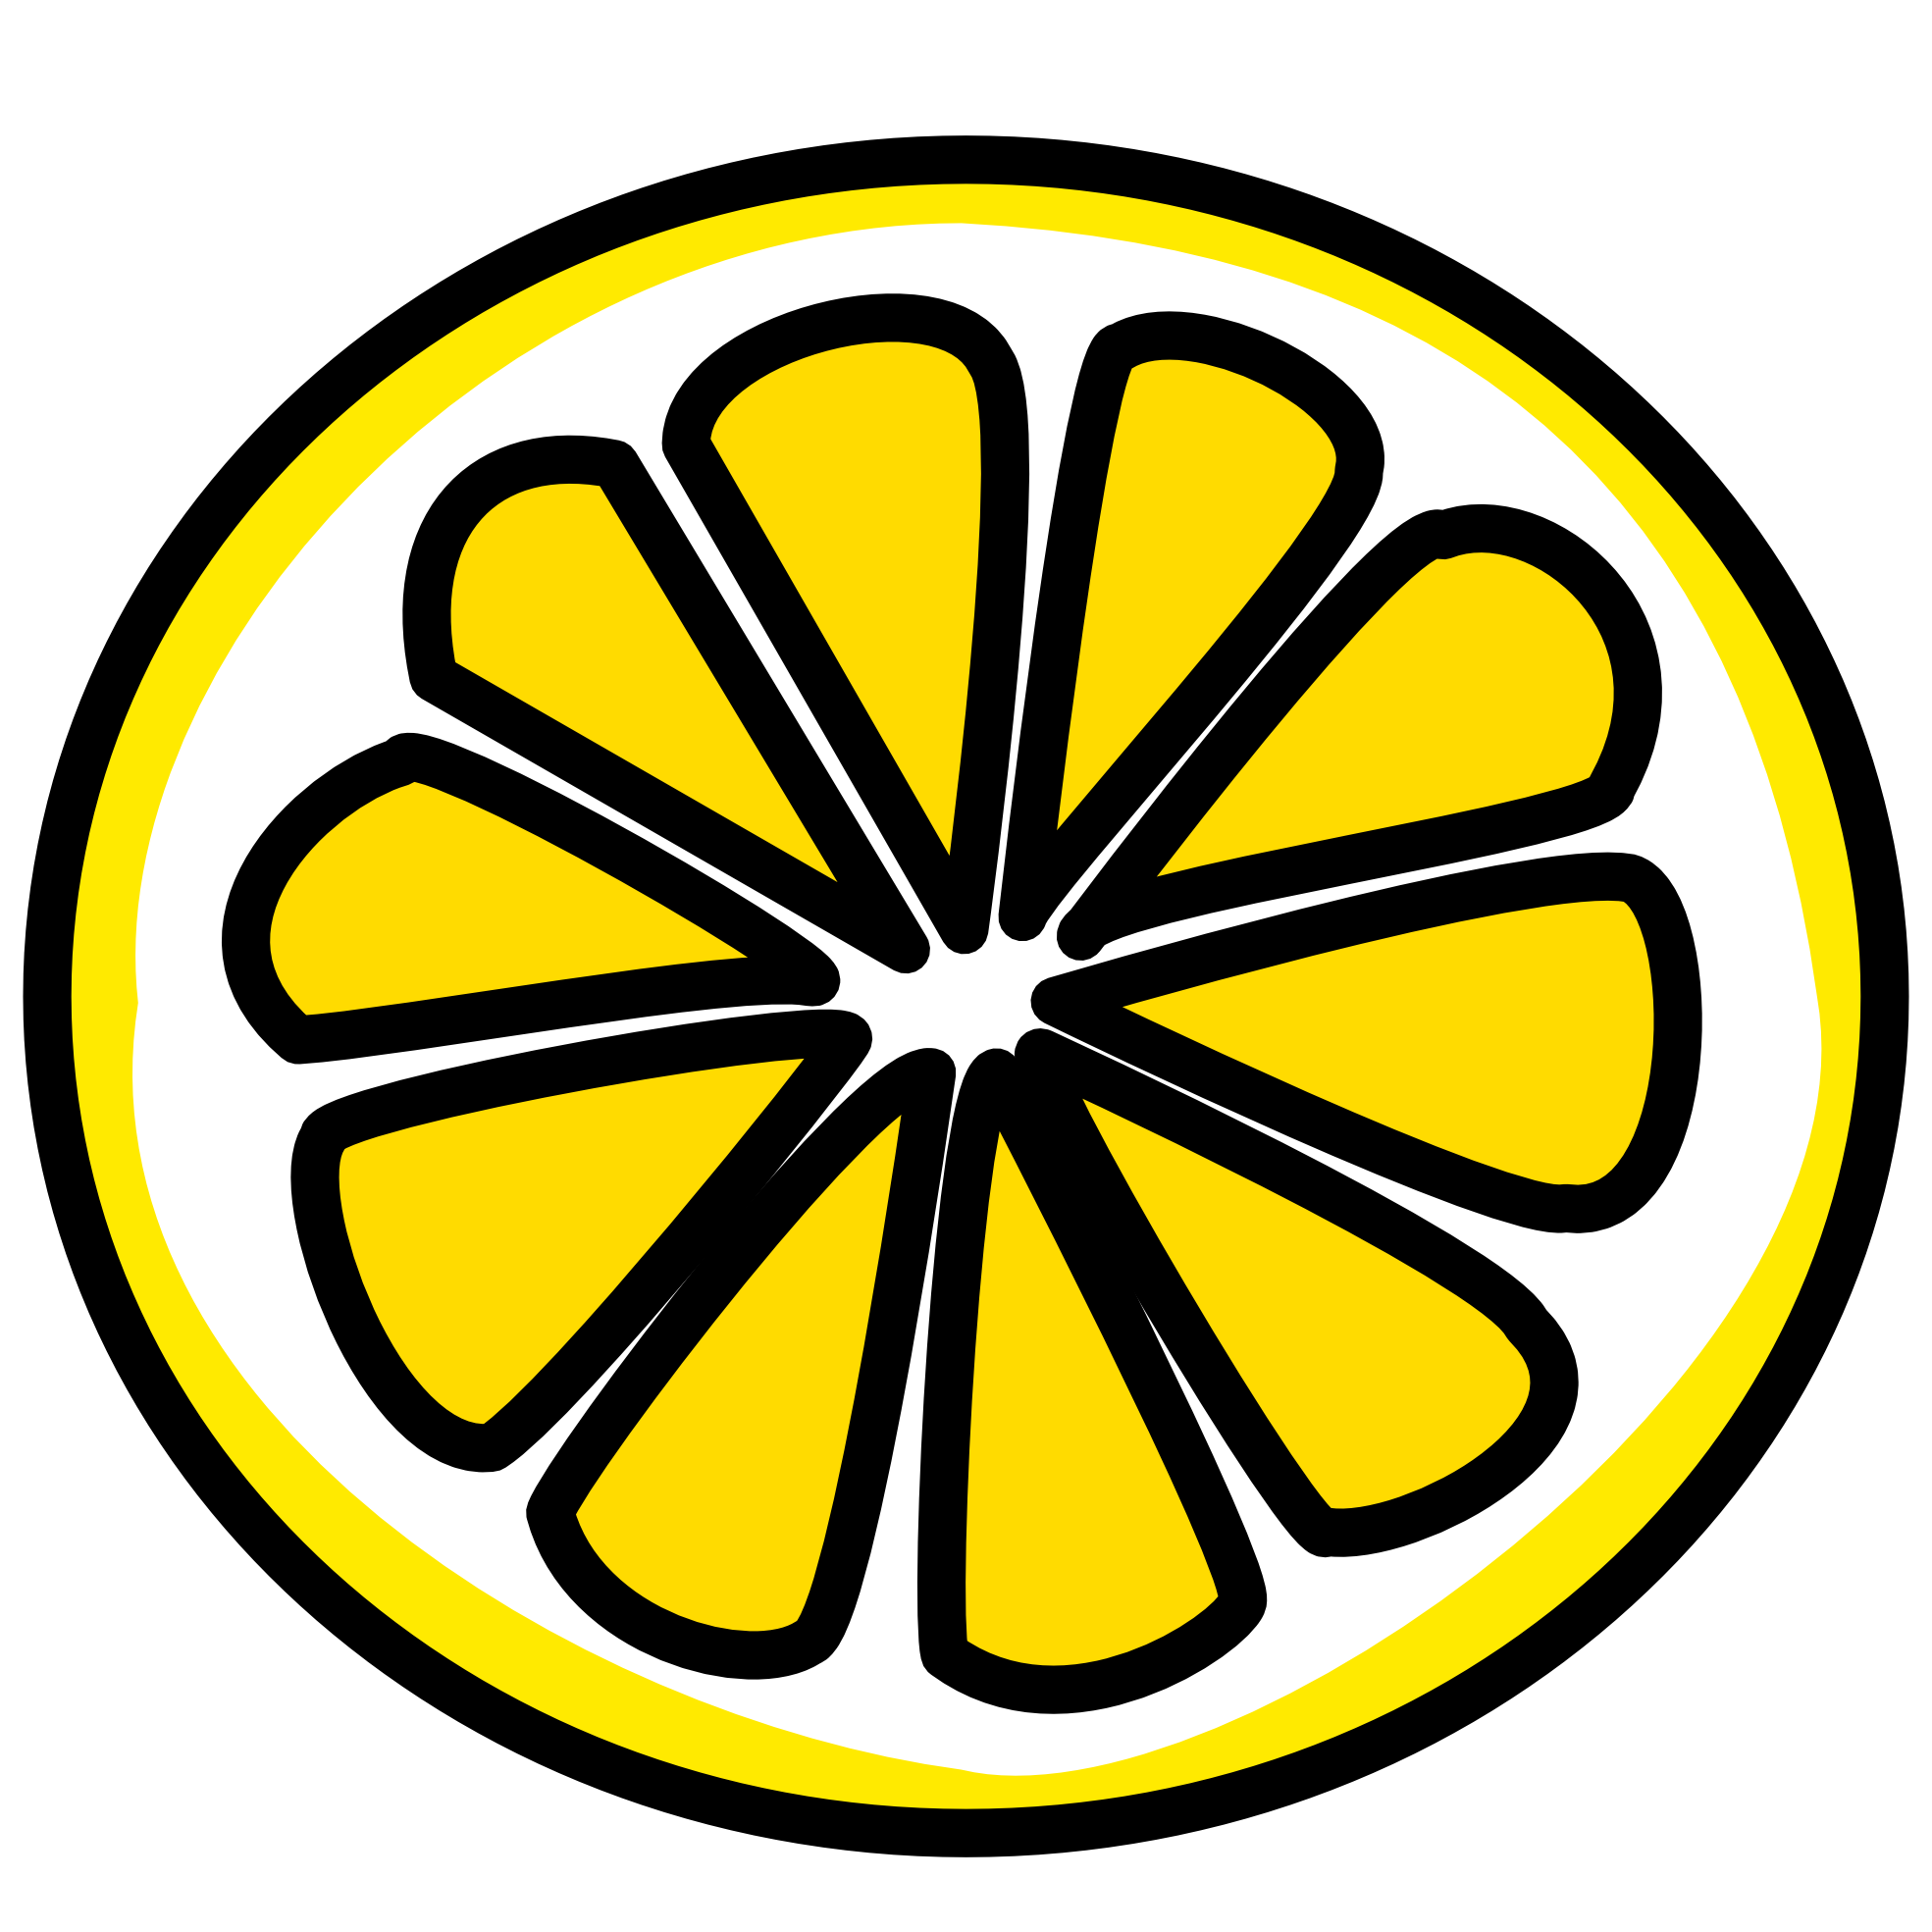 lemon slice clipart - Lemon Slice Clip Art